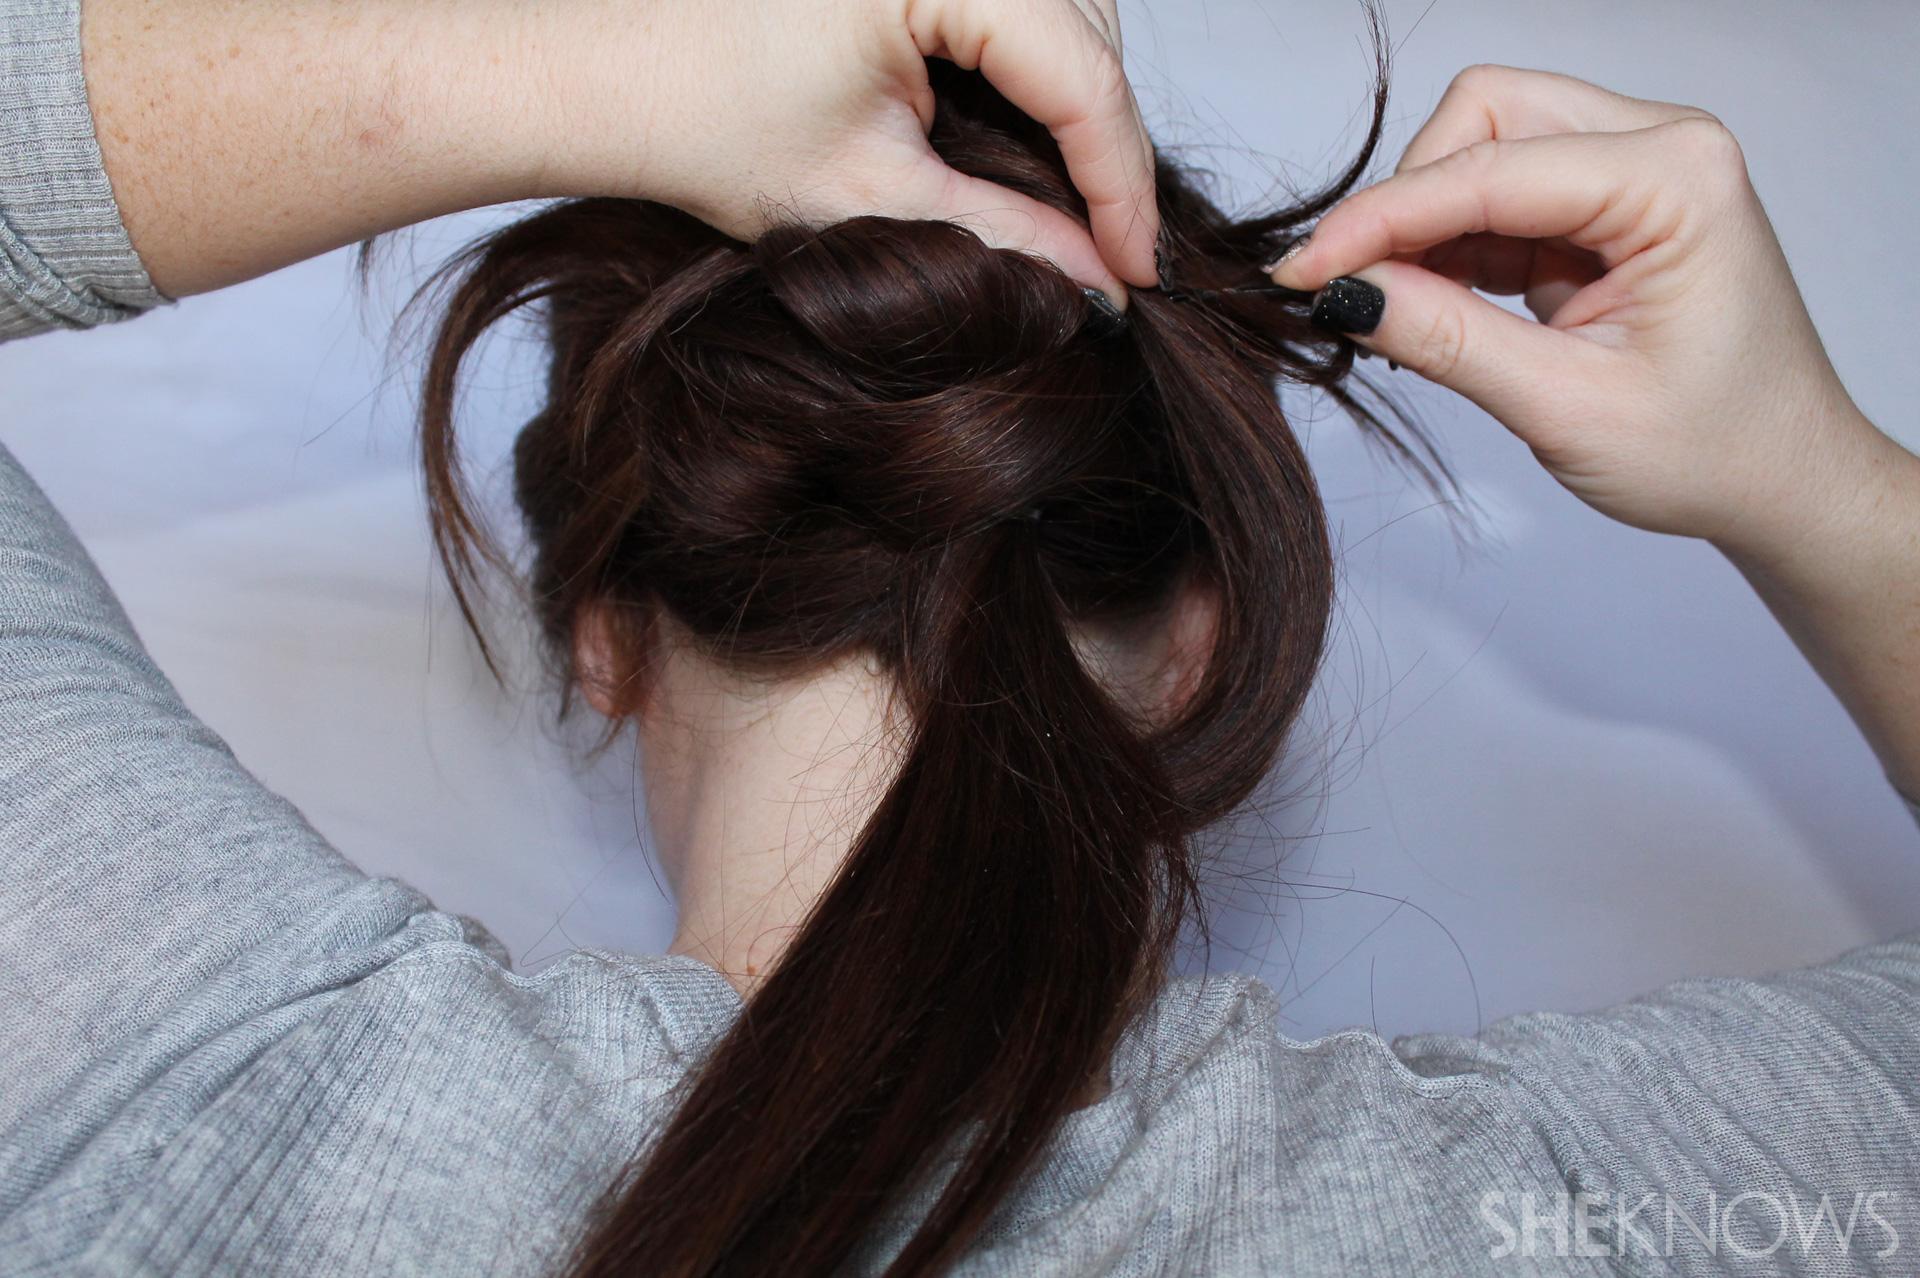 Thin hair tutorial | Sheknows.com - step 16